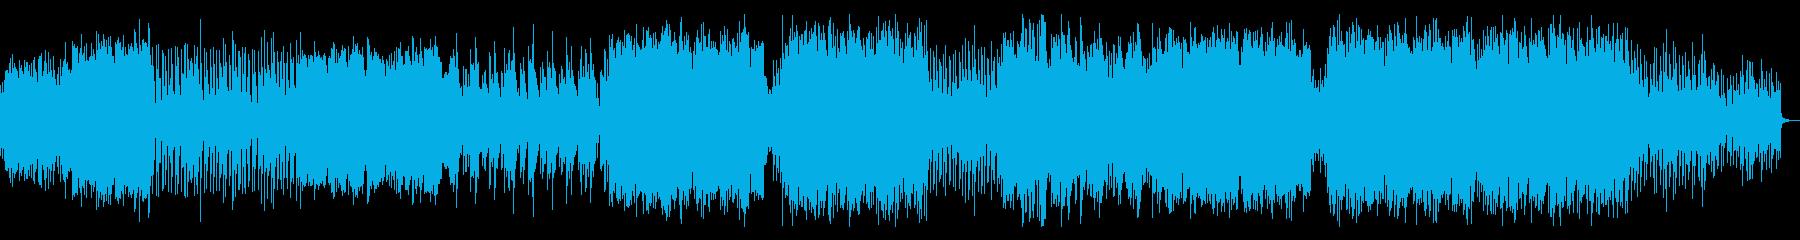 琴と尺八が印象的な和風EDMの再生済みの波形